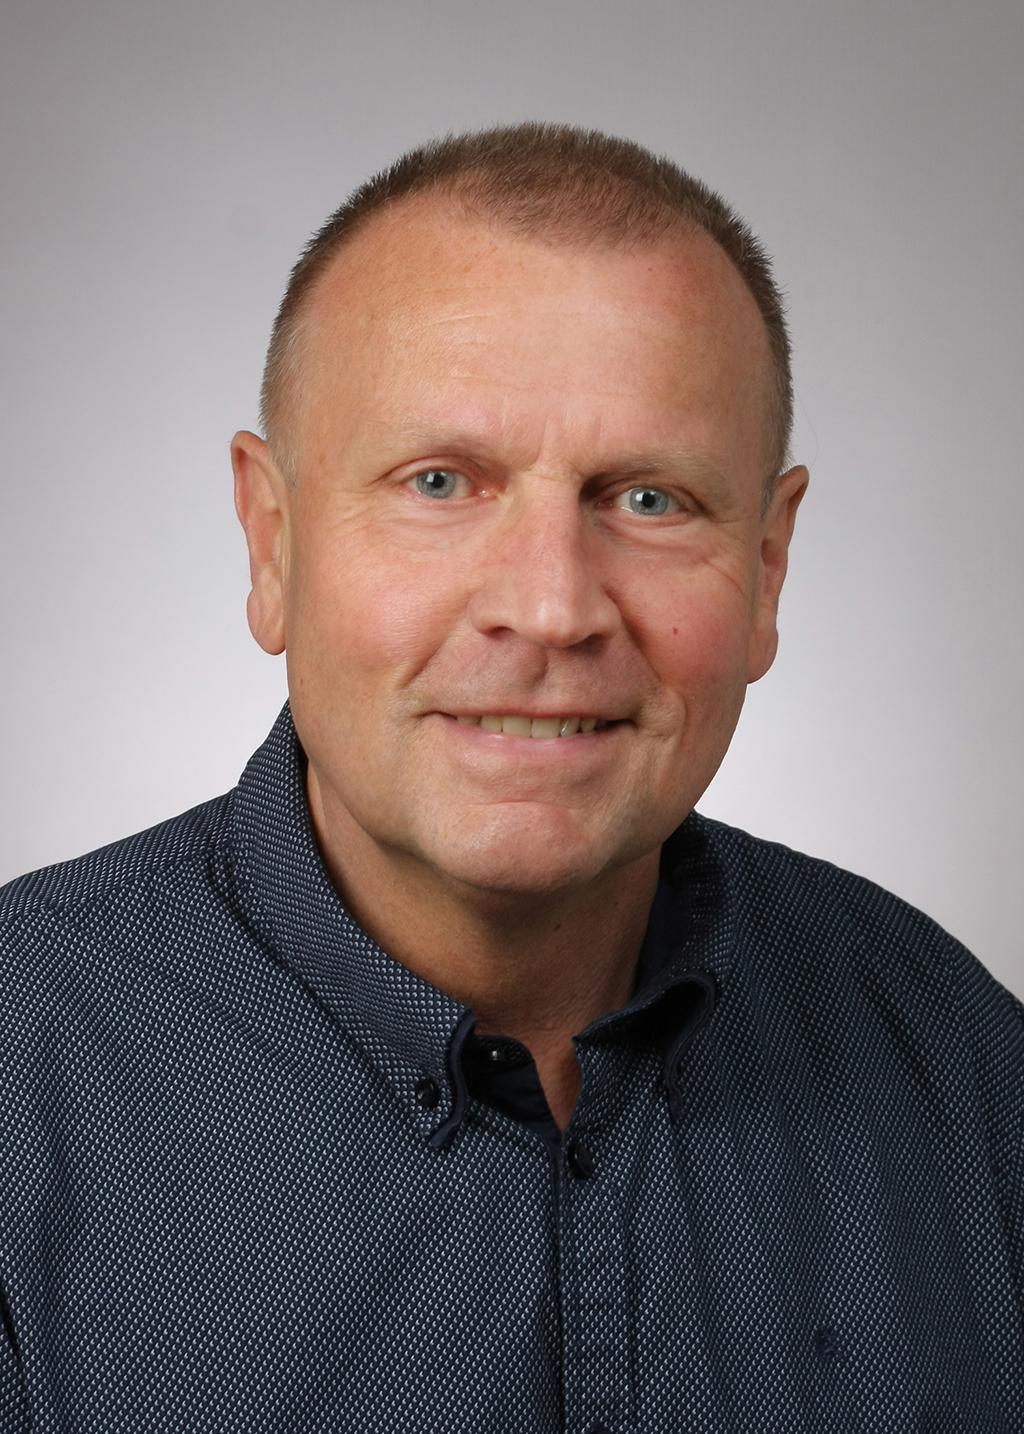 Rainer Bäthge : Dipl.-Ing. - Bauleiter